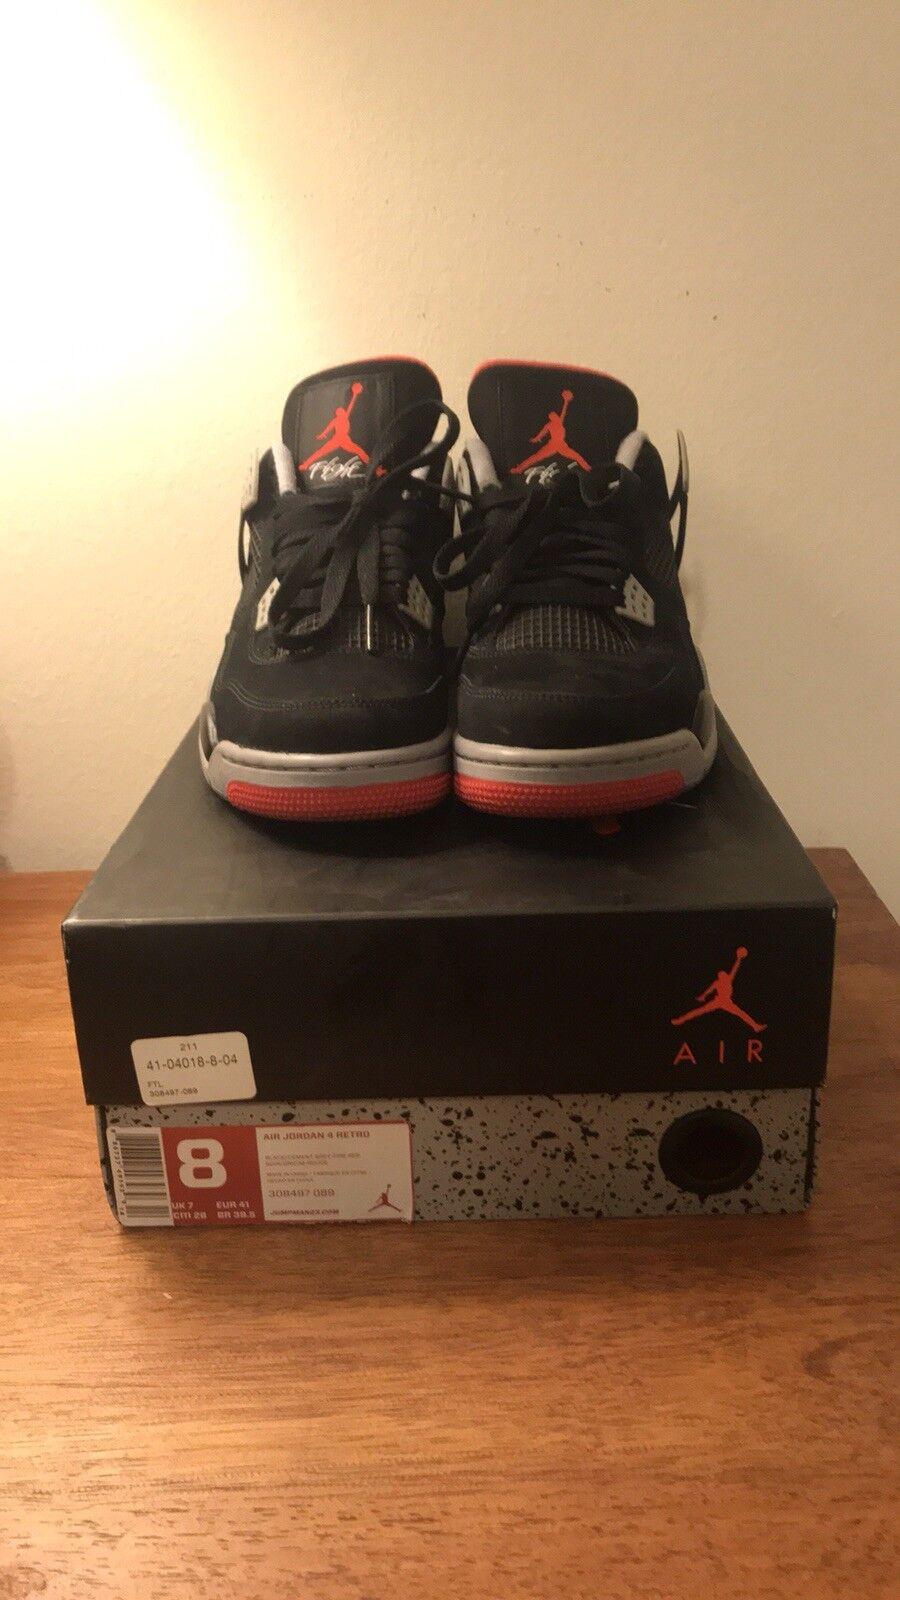 Nike Hombre zapatillas Air Jordan 4 retro zapatillas Hombre - talla 8 US, negro / rojo ddc86f